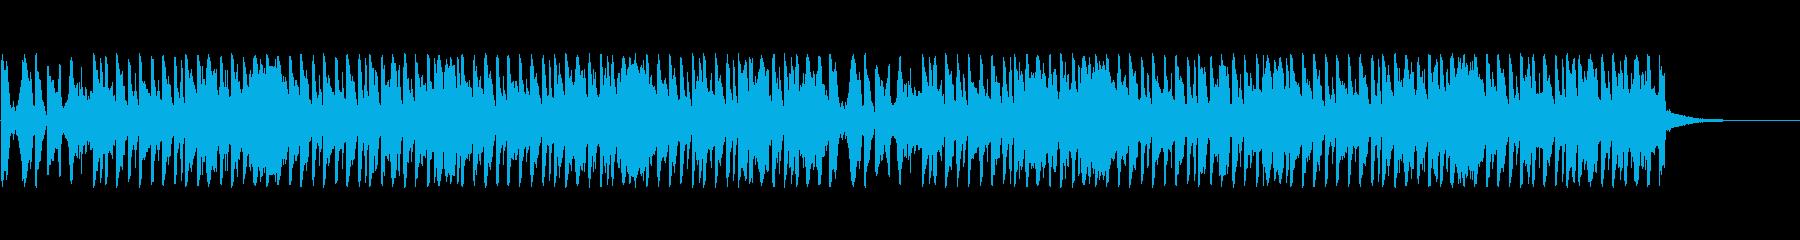 ショルダーシェイクの再生済みの波形